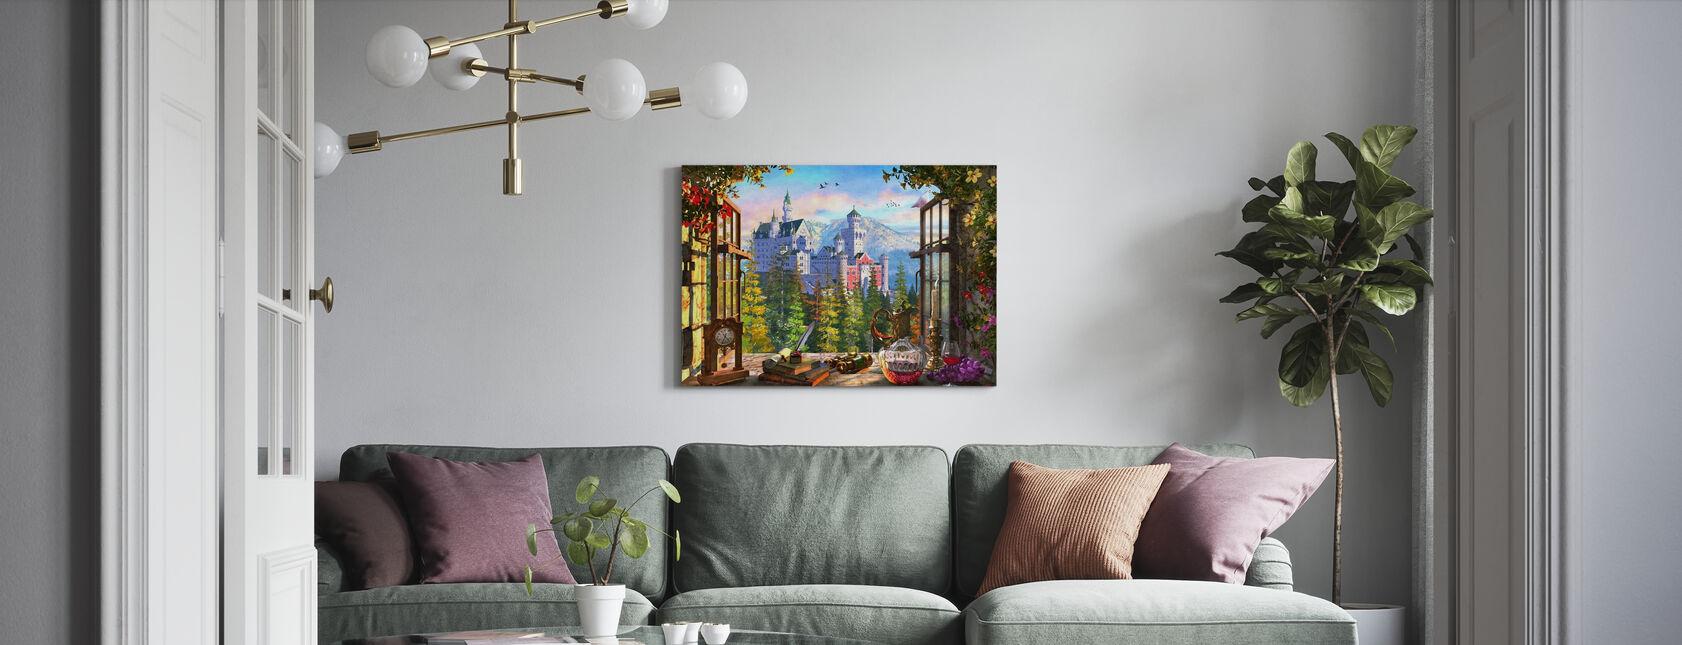 Berg kasteel door raam - Canvas print - Woonkamer